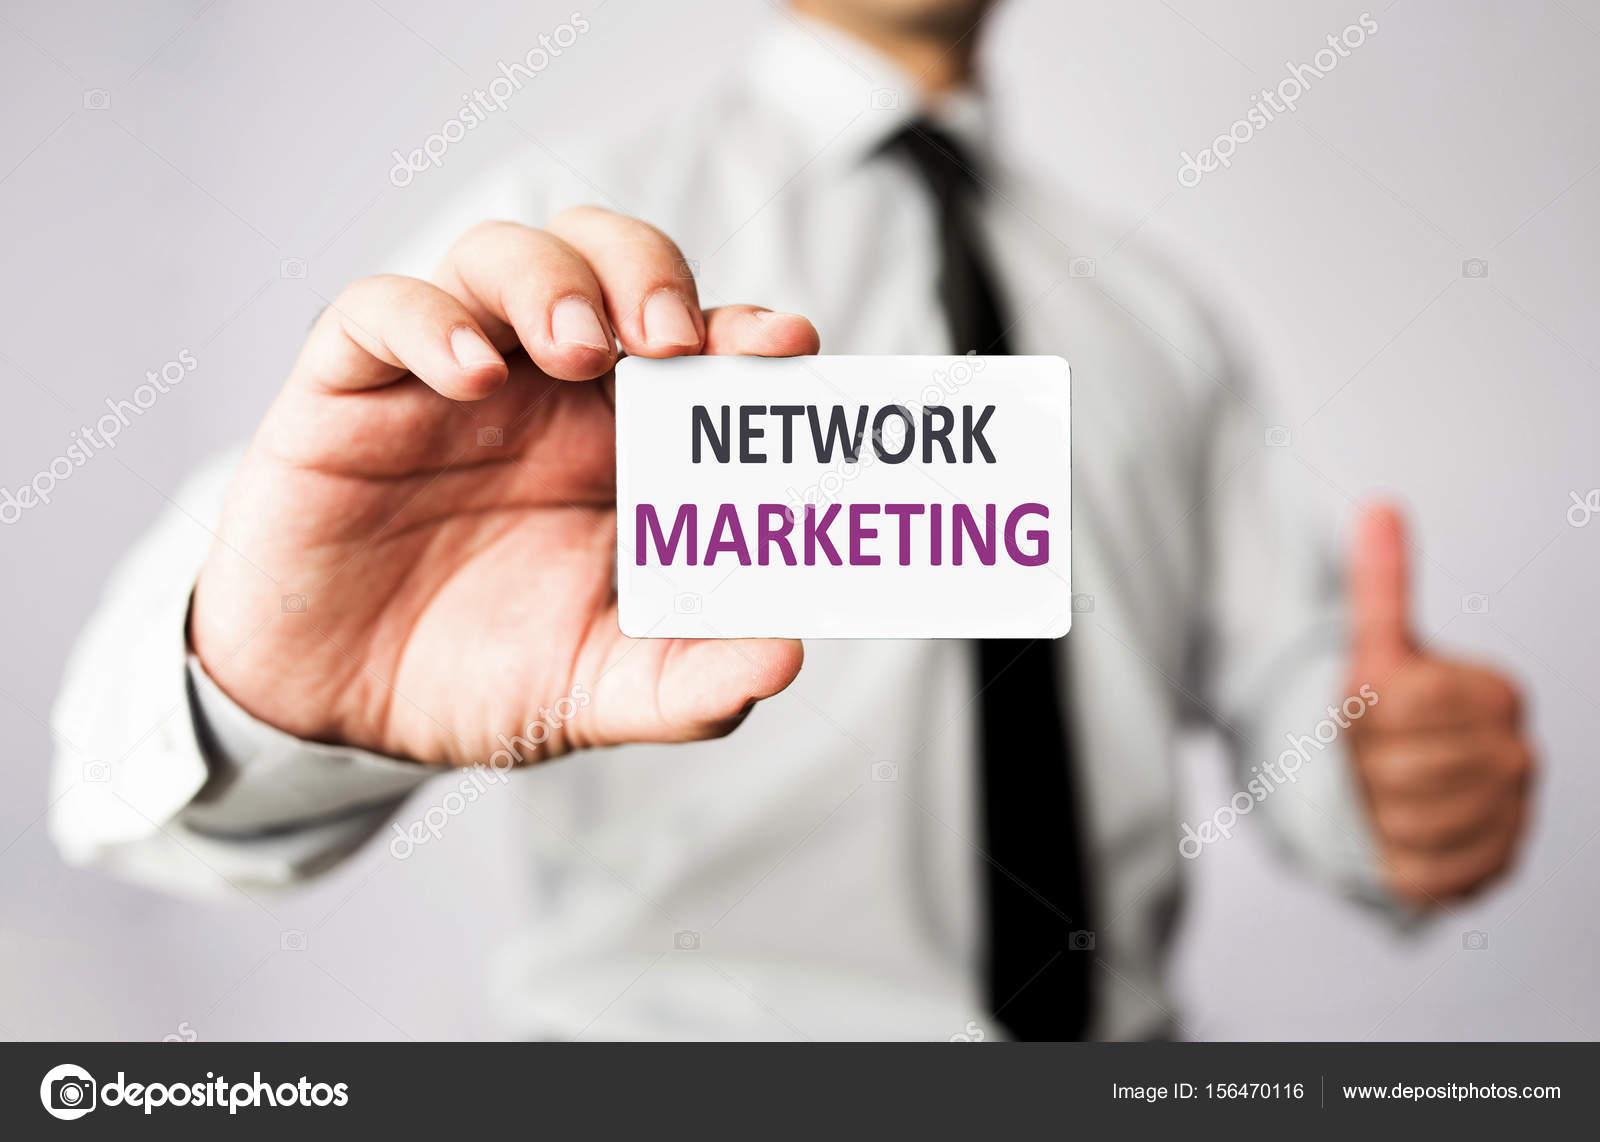 Homme Daffaires Tenant Sa Carte De Visite Marketing Rseau Image Ilkercelik